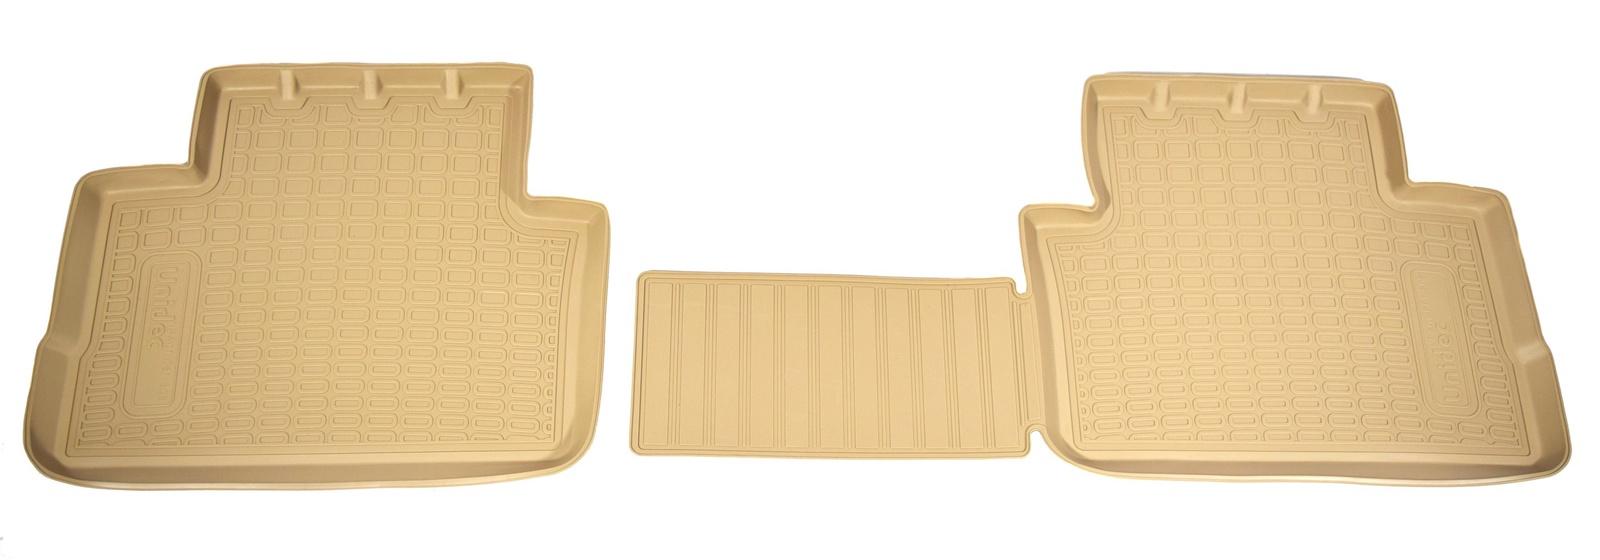 цена на Коврики в салон автомобиля Norplast для Nissan Qashqai (J11) (2014) (зад), NPA01-C61-605-B, бежевый